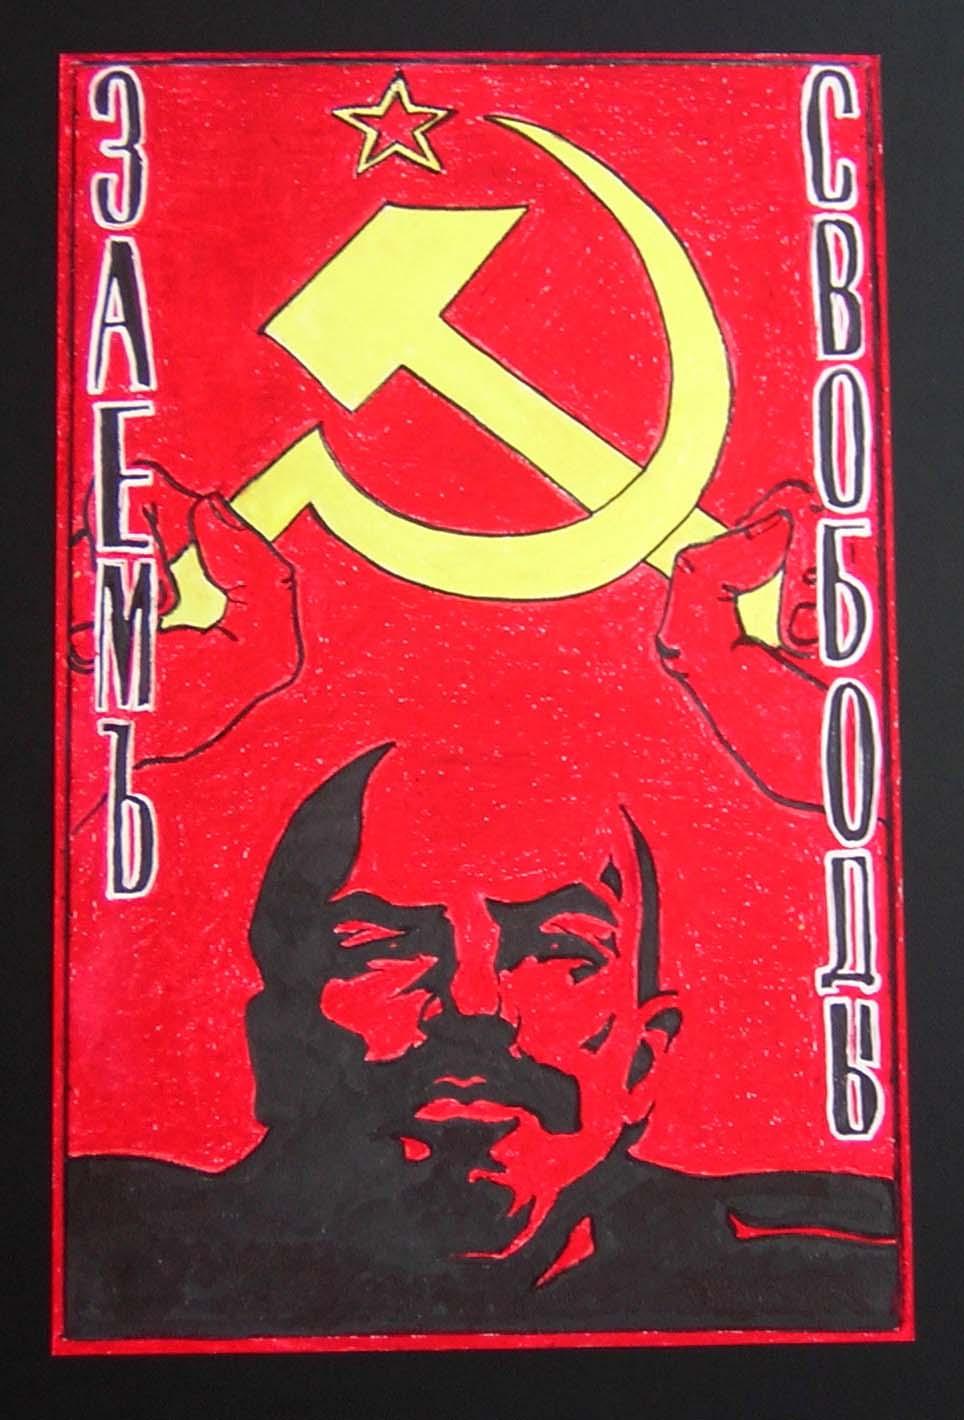 poster 3 PBCC 2004.jpg